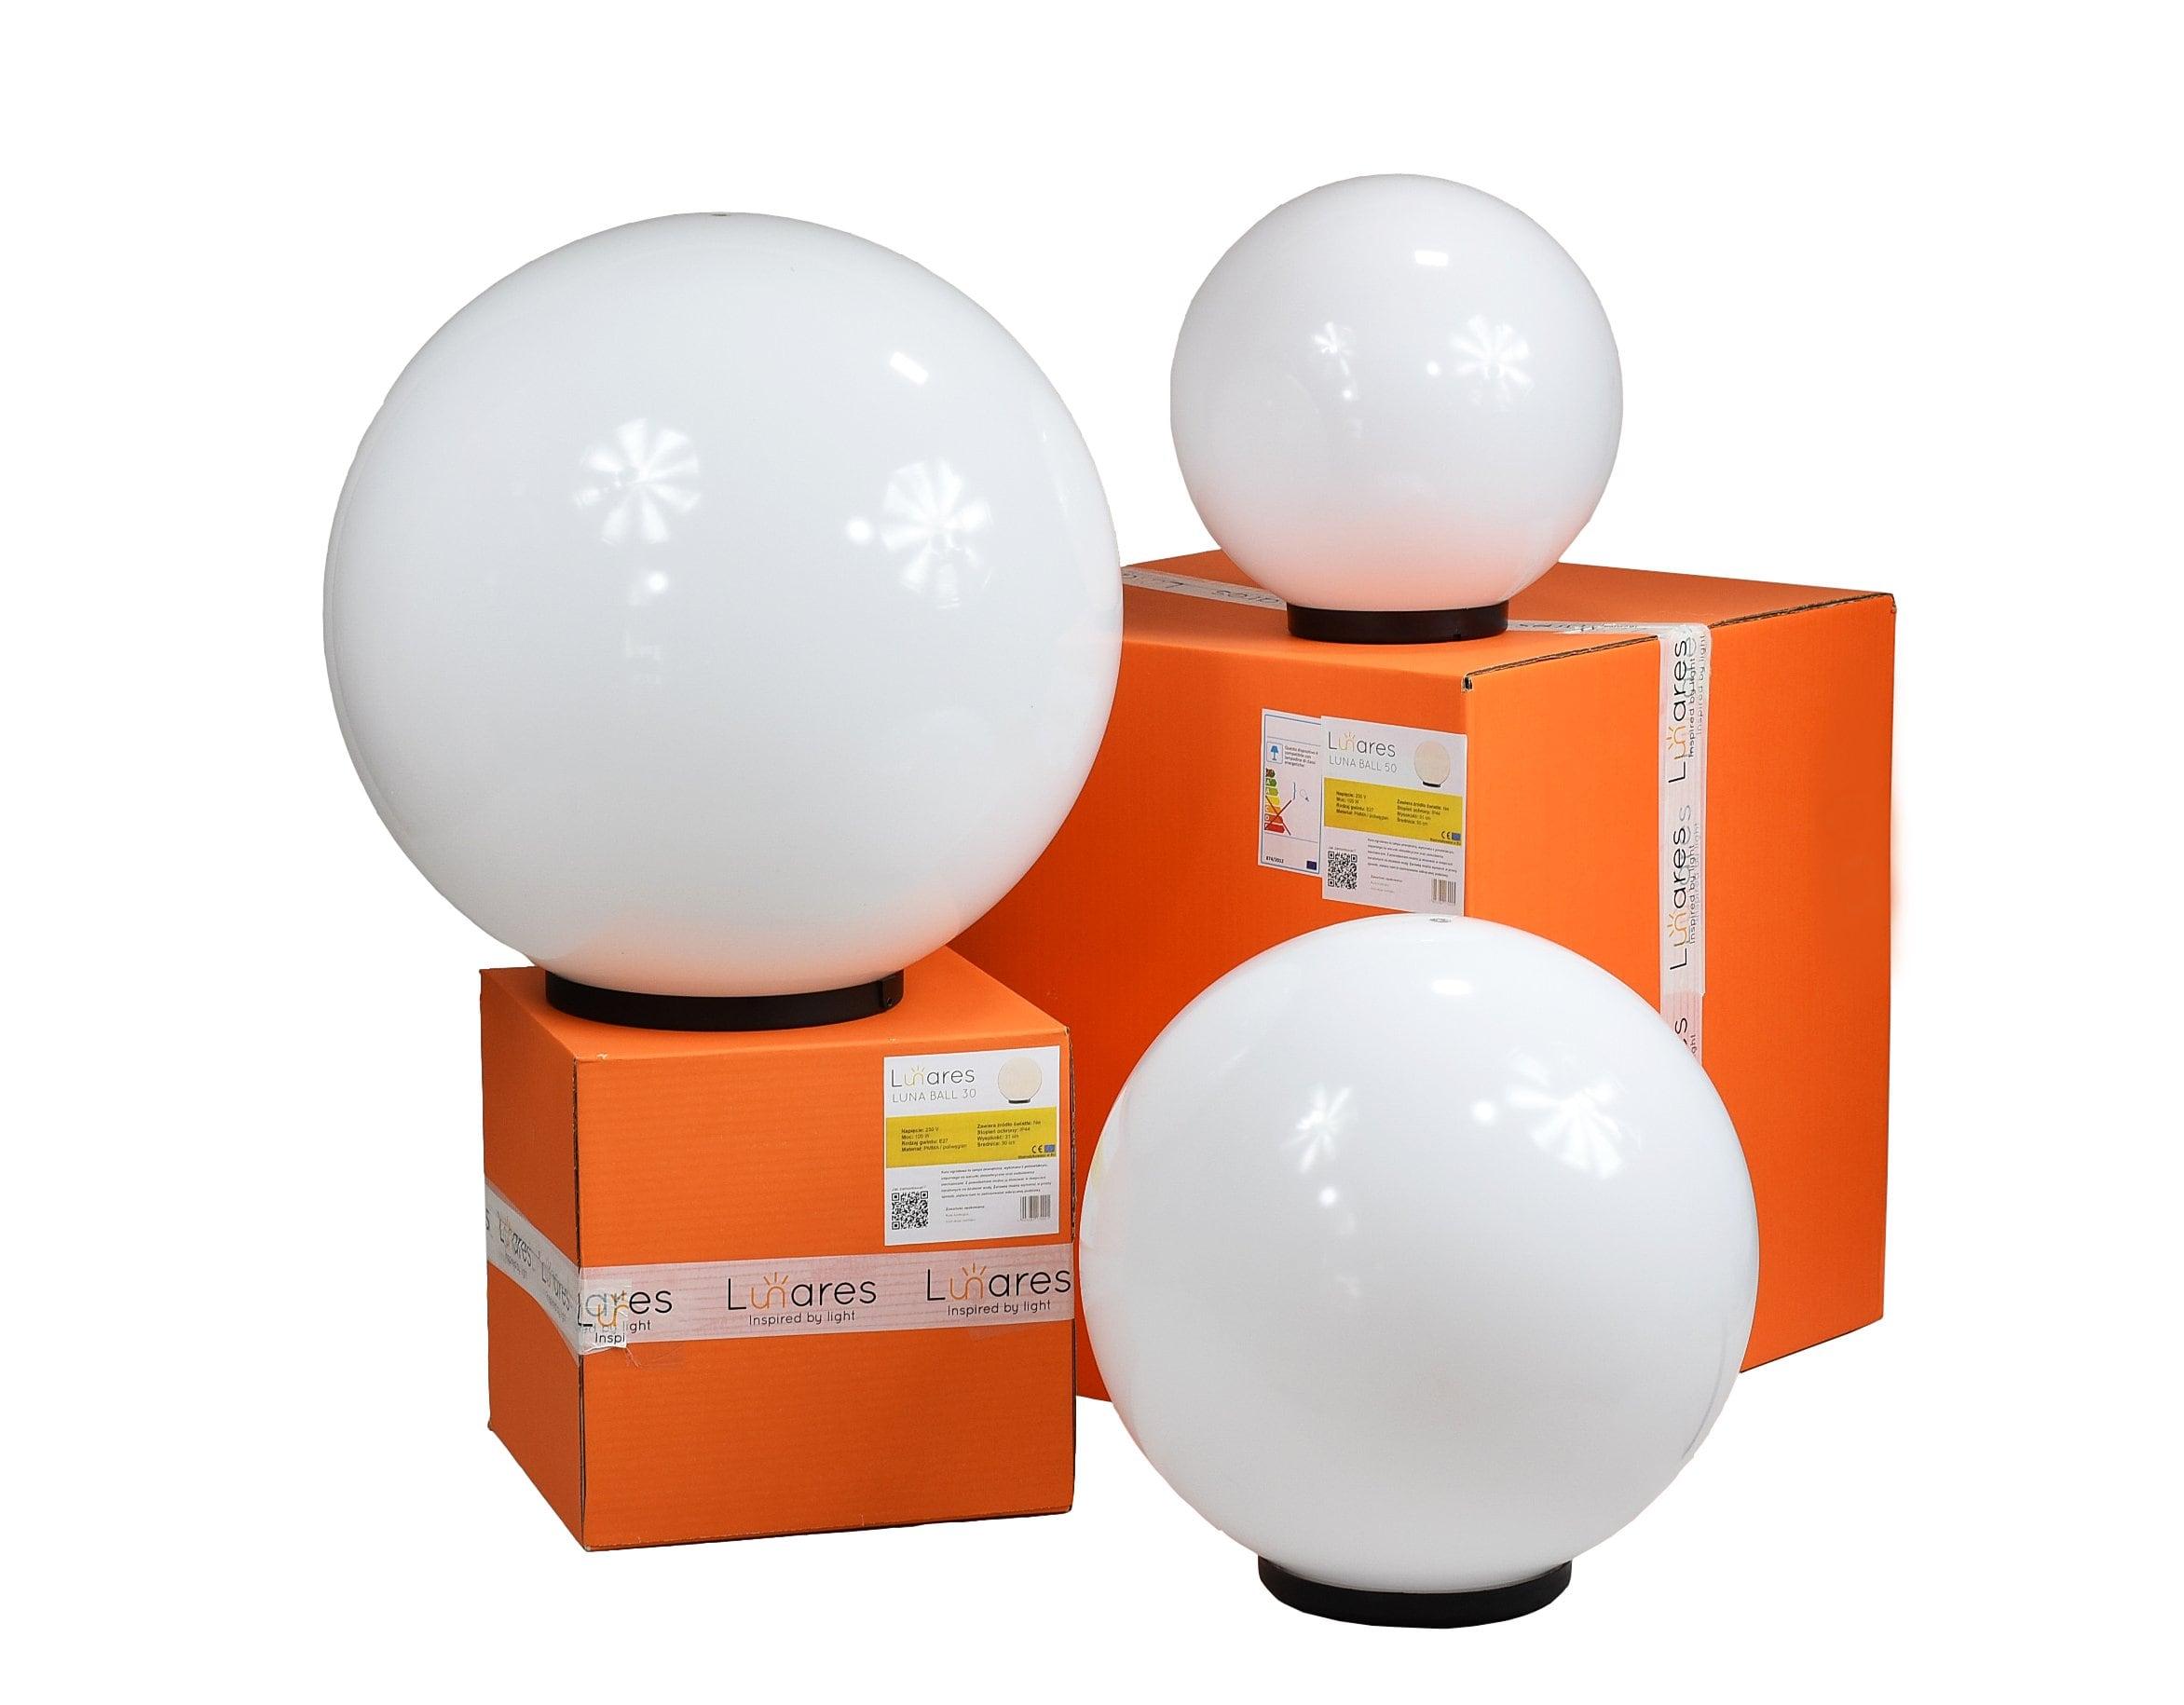 Set mit drei Gartenkugeln Luna Ball: 20 cm 25 cm 30 cm, mit LED-Lampen, weiß leuchtenden Gartenkugeln, energiesparenden LED-Lampen